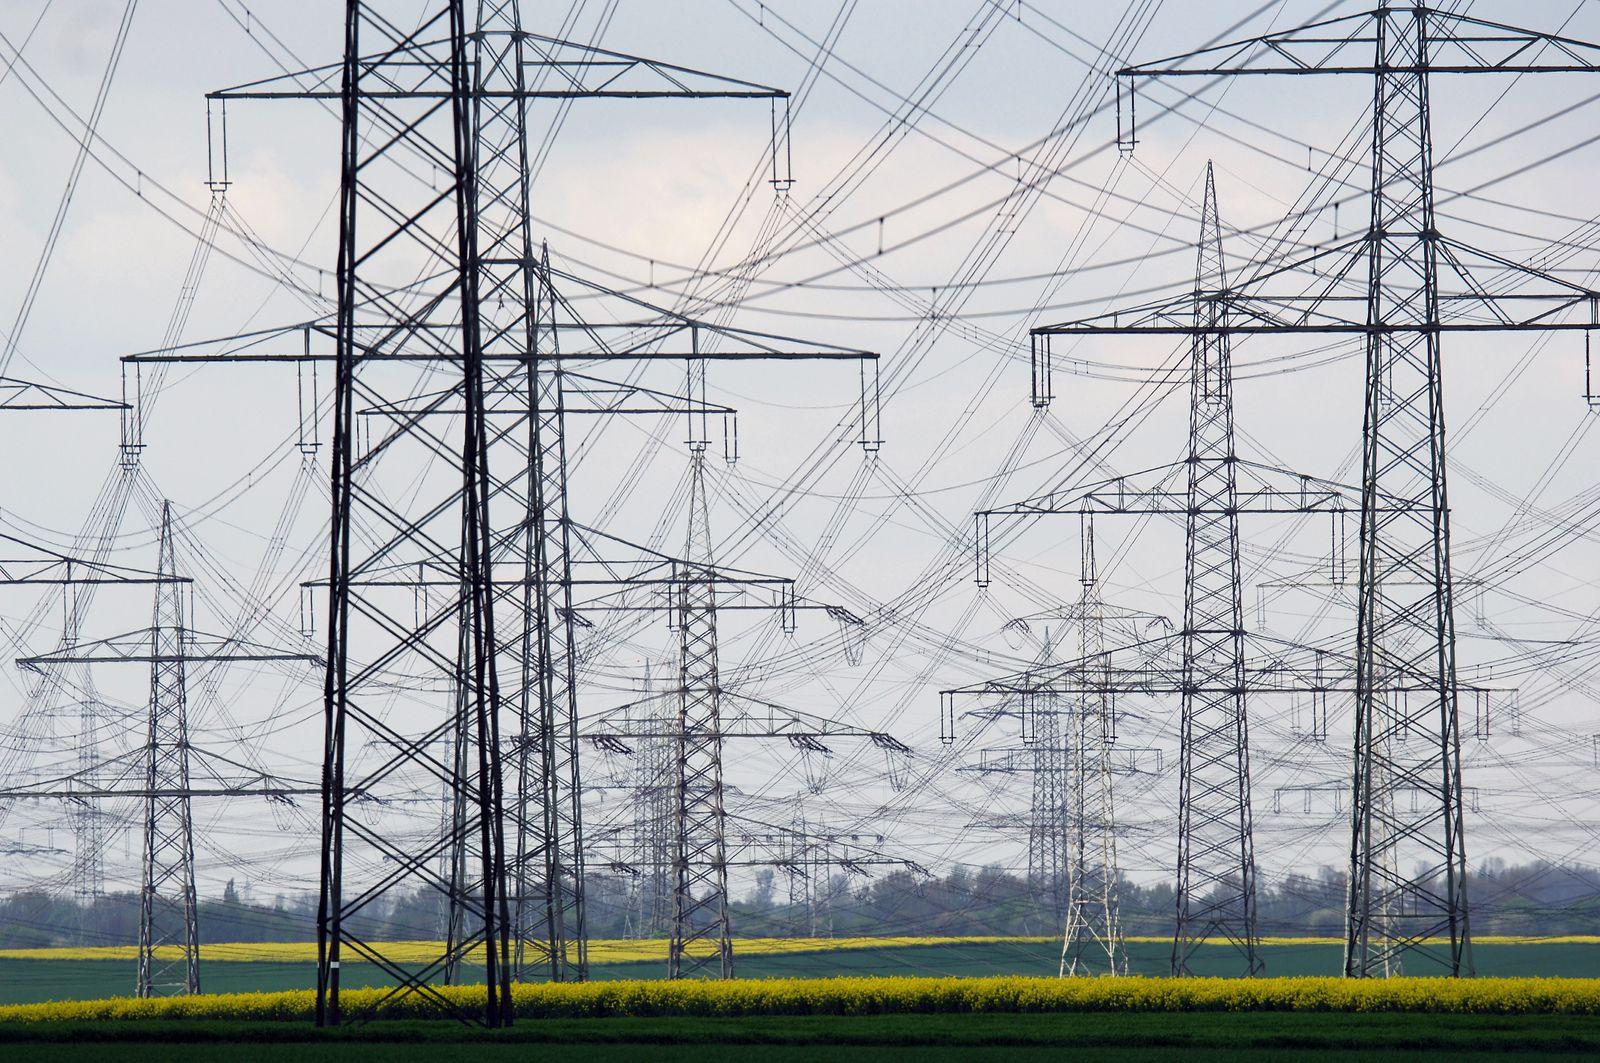 NICHT VERWENDEN Strom / Stromleitung / Strommasten